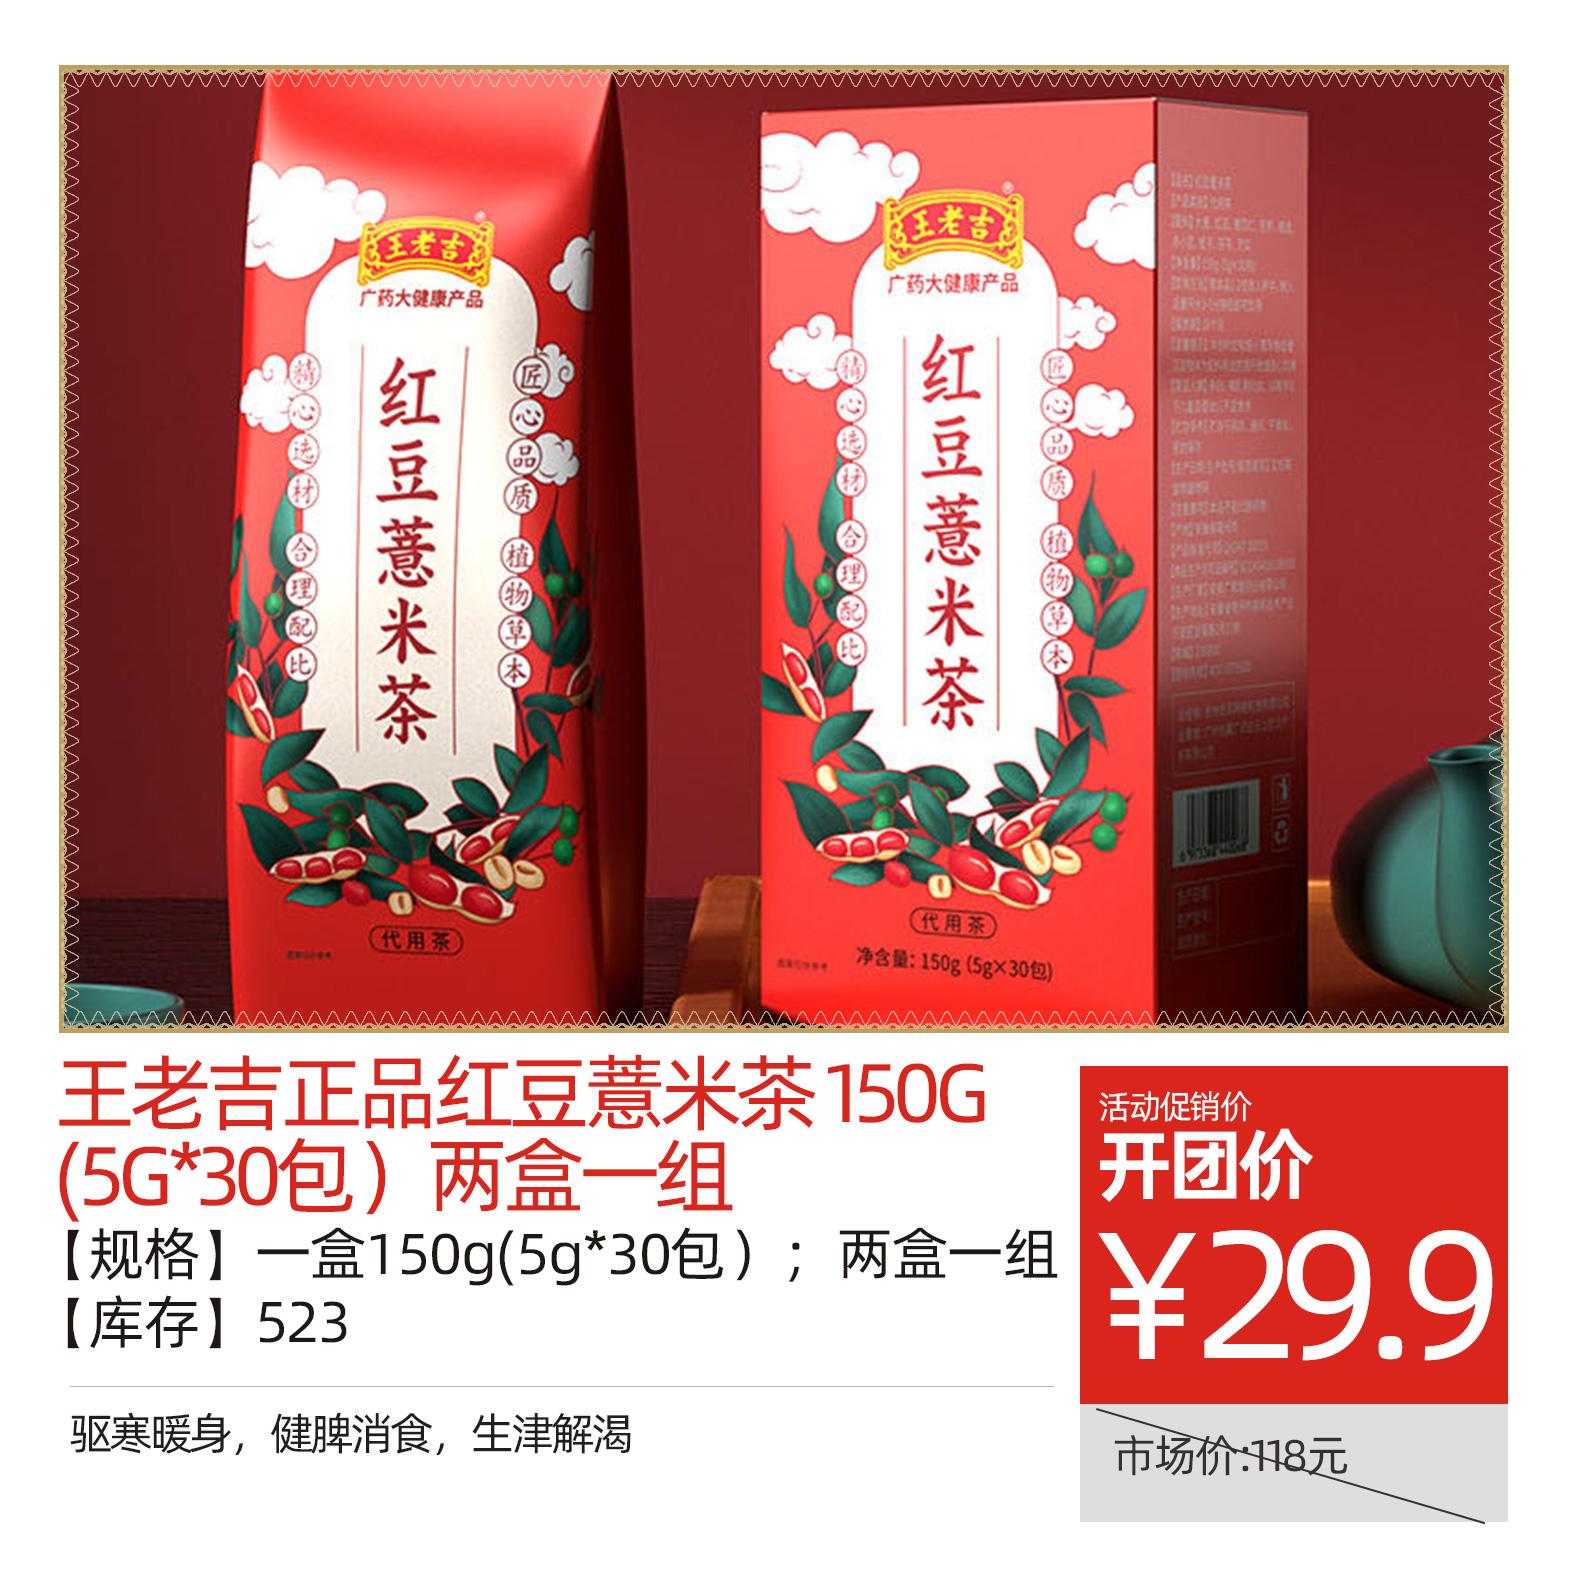 王老吉正品红豆薏米茶 150g(5g*30包)两盒一组